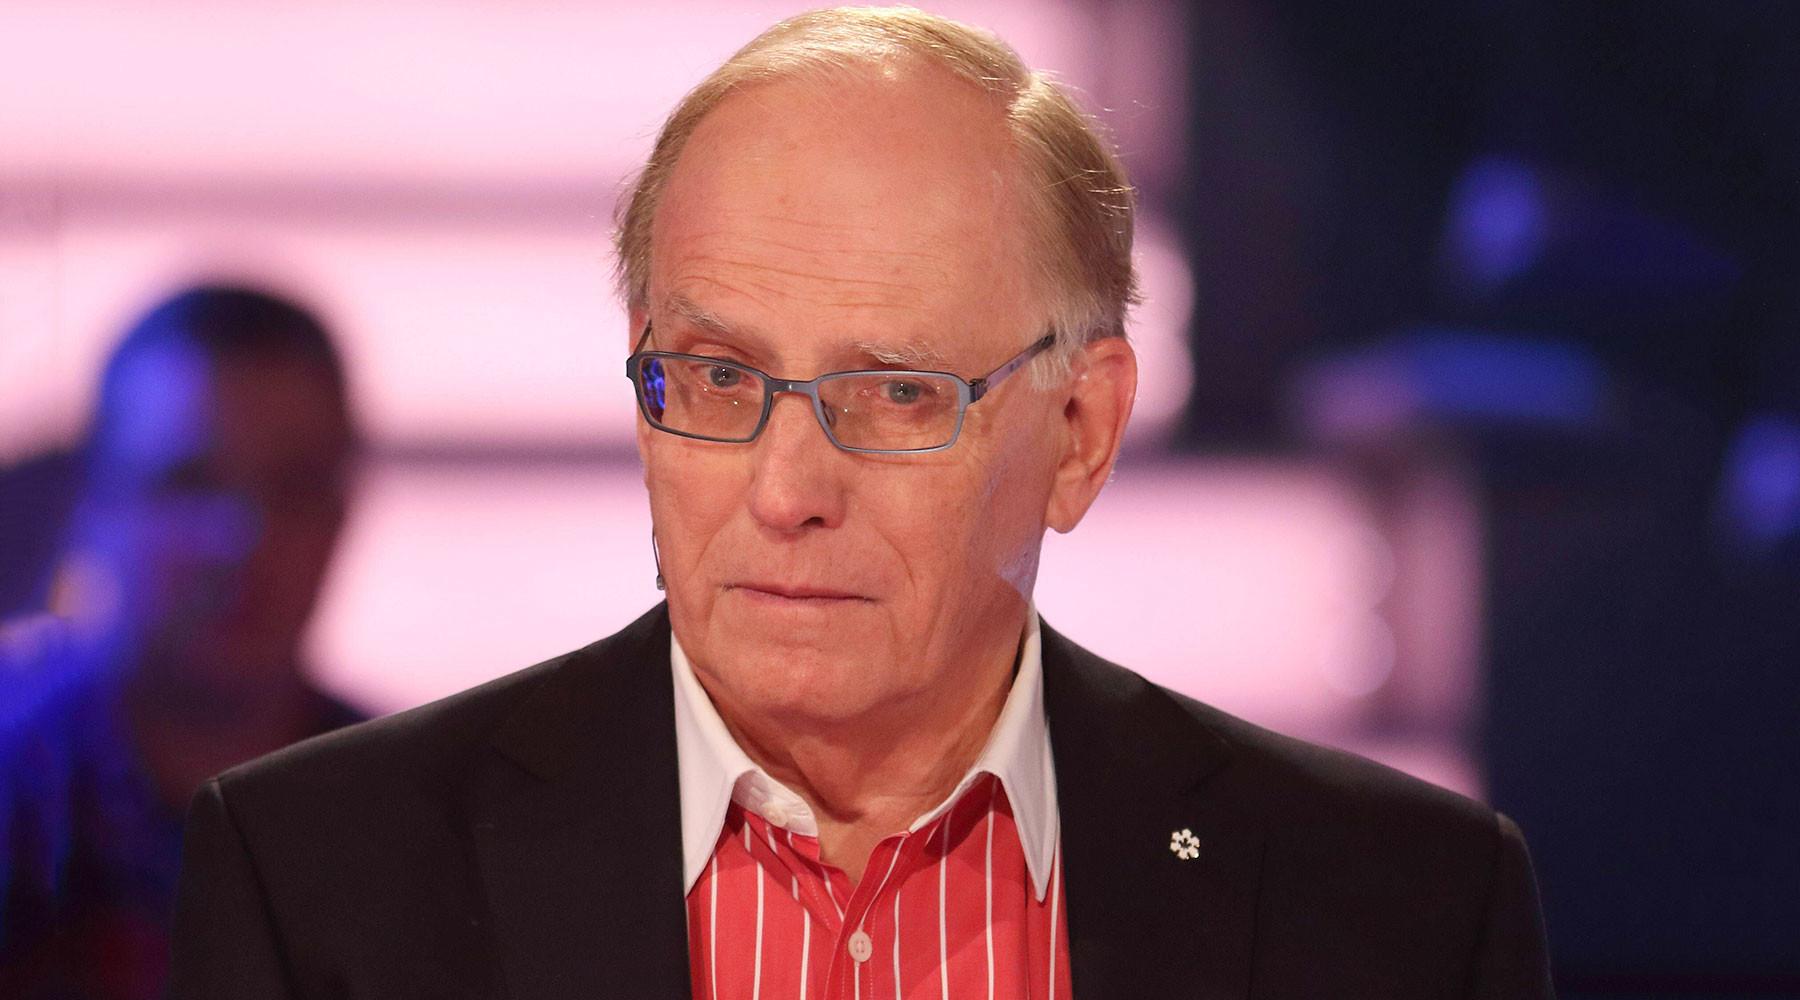 российские велогонщики подали иск на Макларена и WADA в канадский суд»